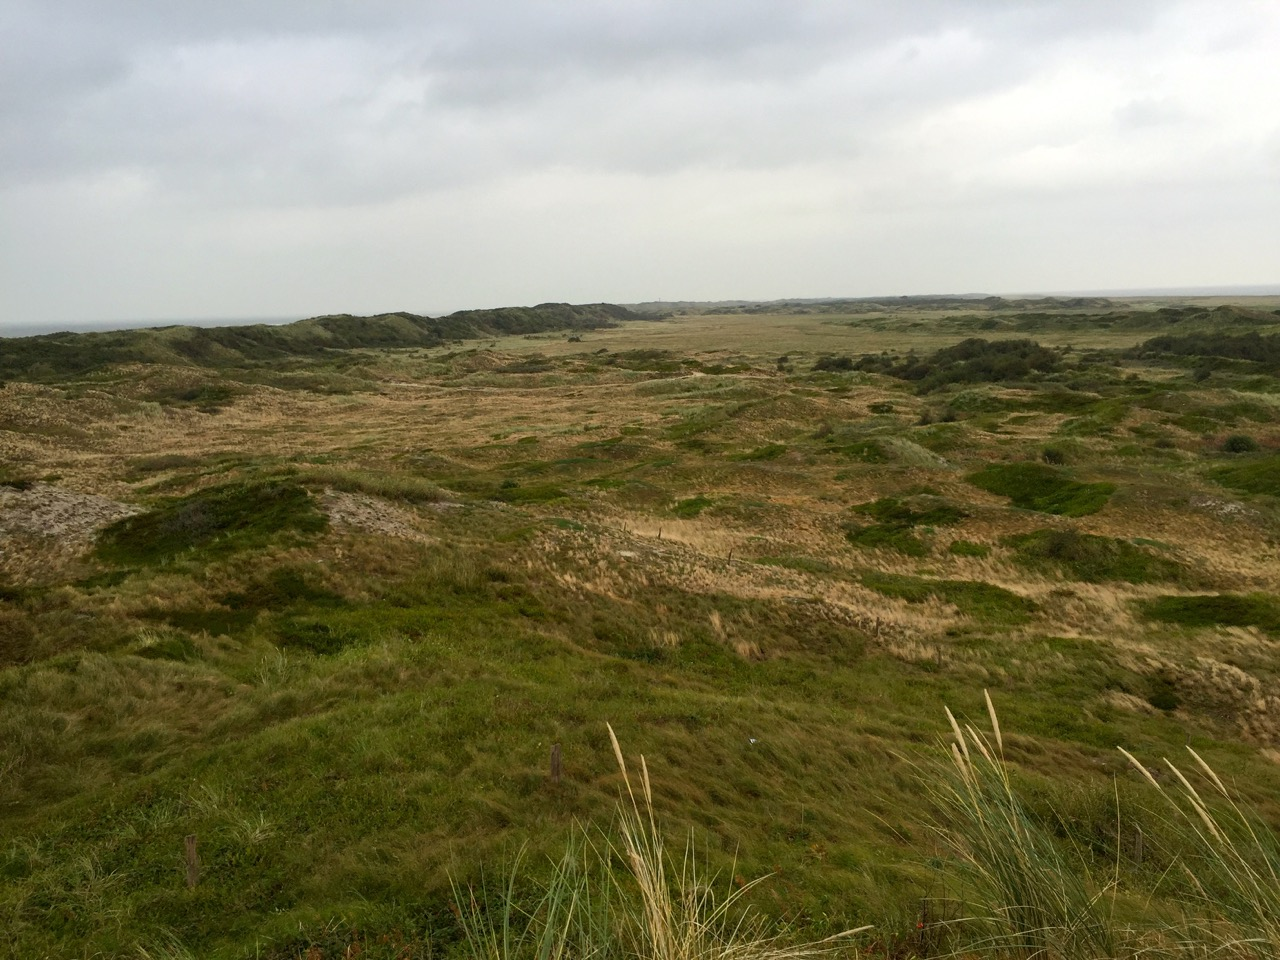 Langeoog Ausflugsziele – Fahrradtour durch die Dünen